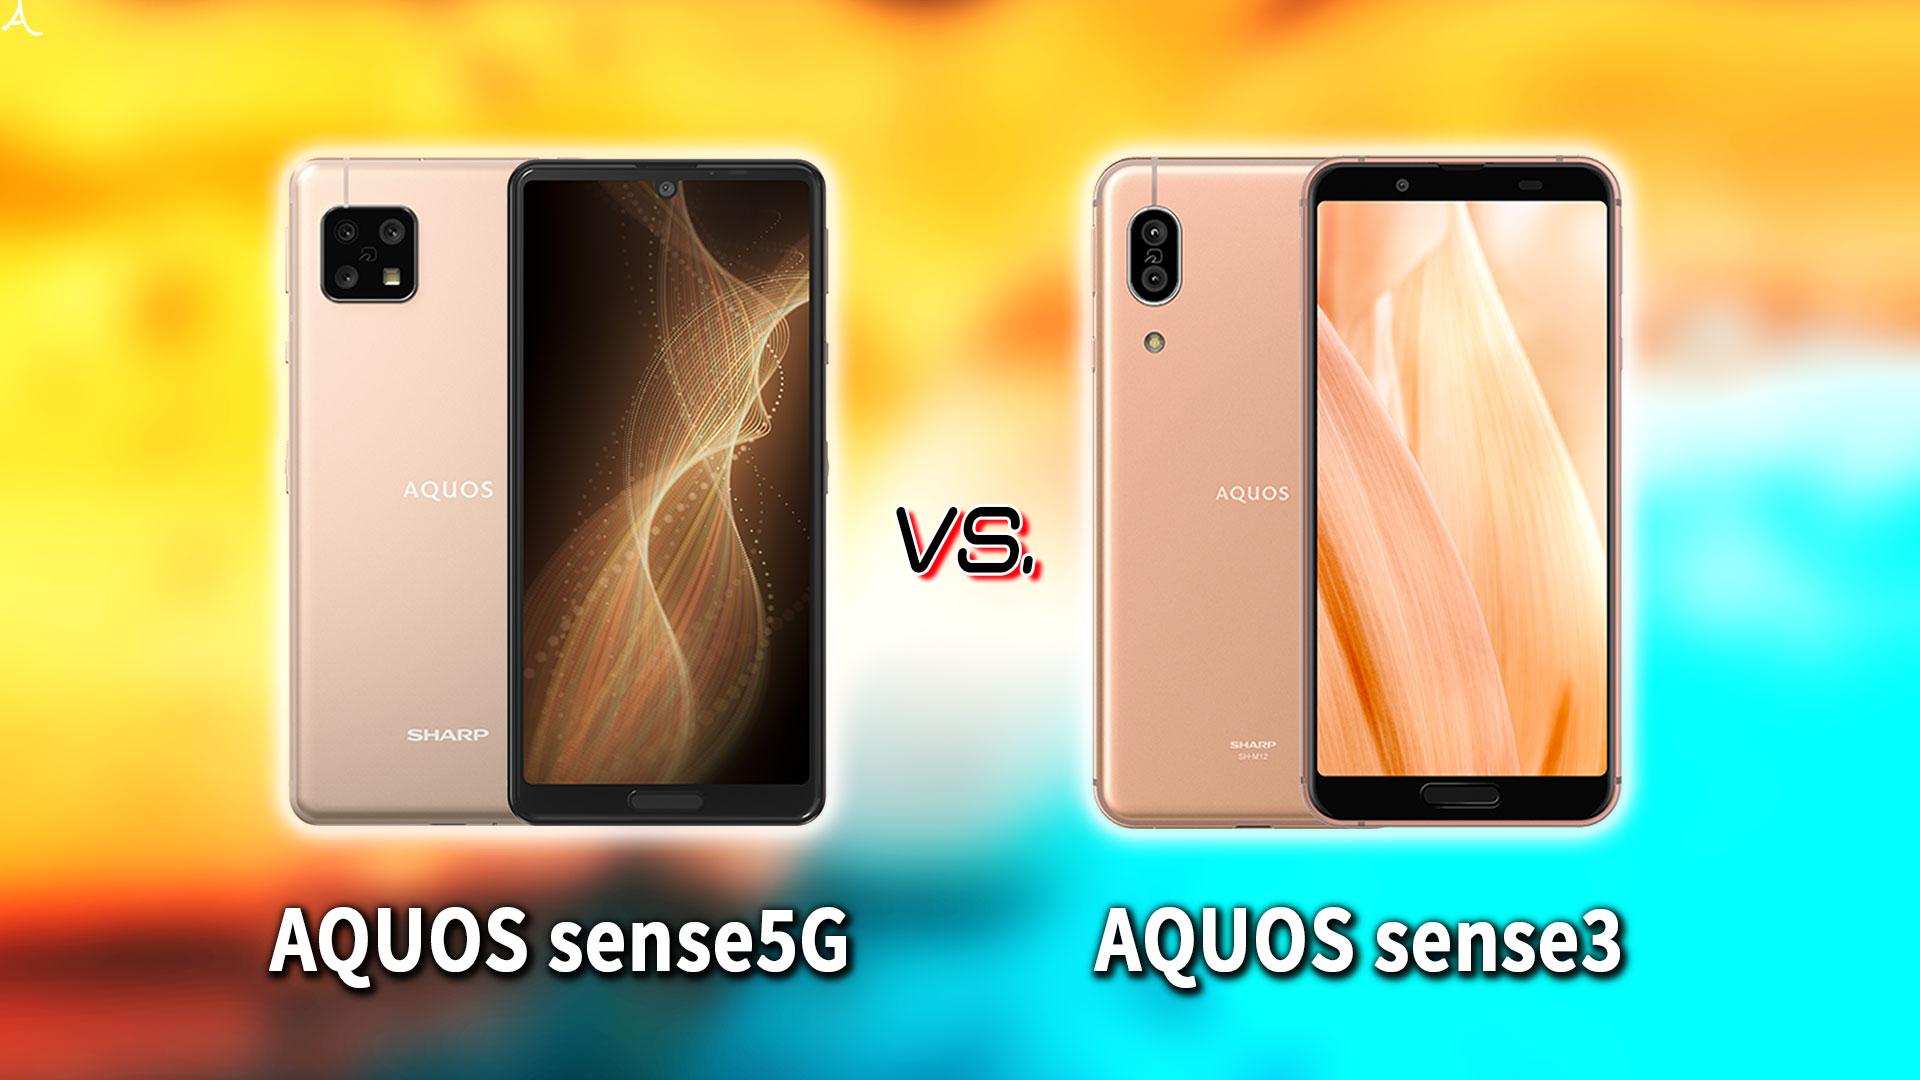 「AQUOS sense5G」と「AQUOS sense3」の違いを比較:どっちを買う?